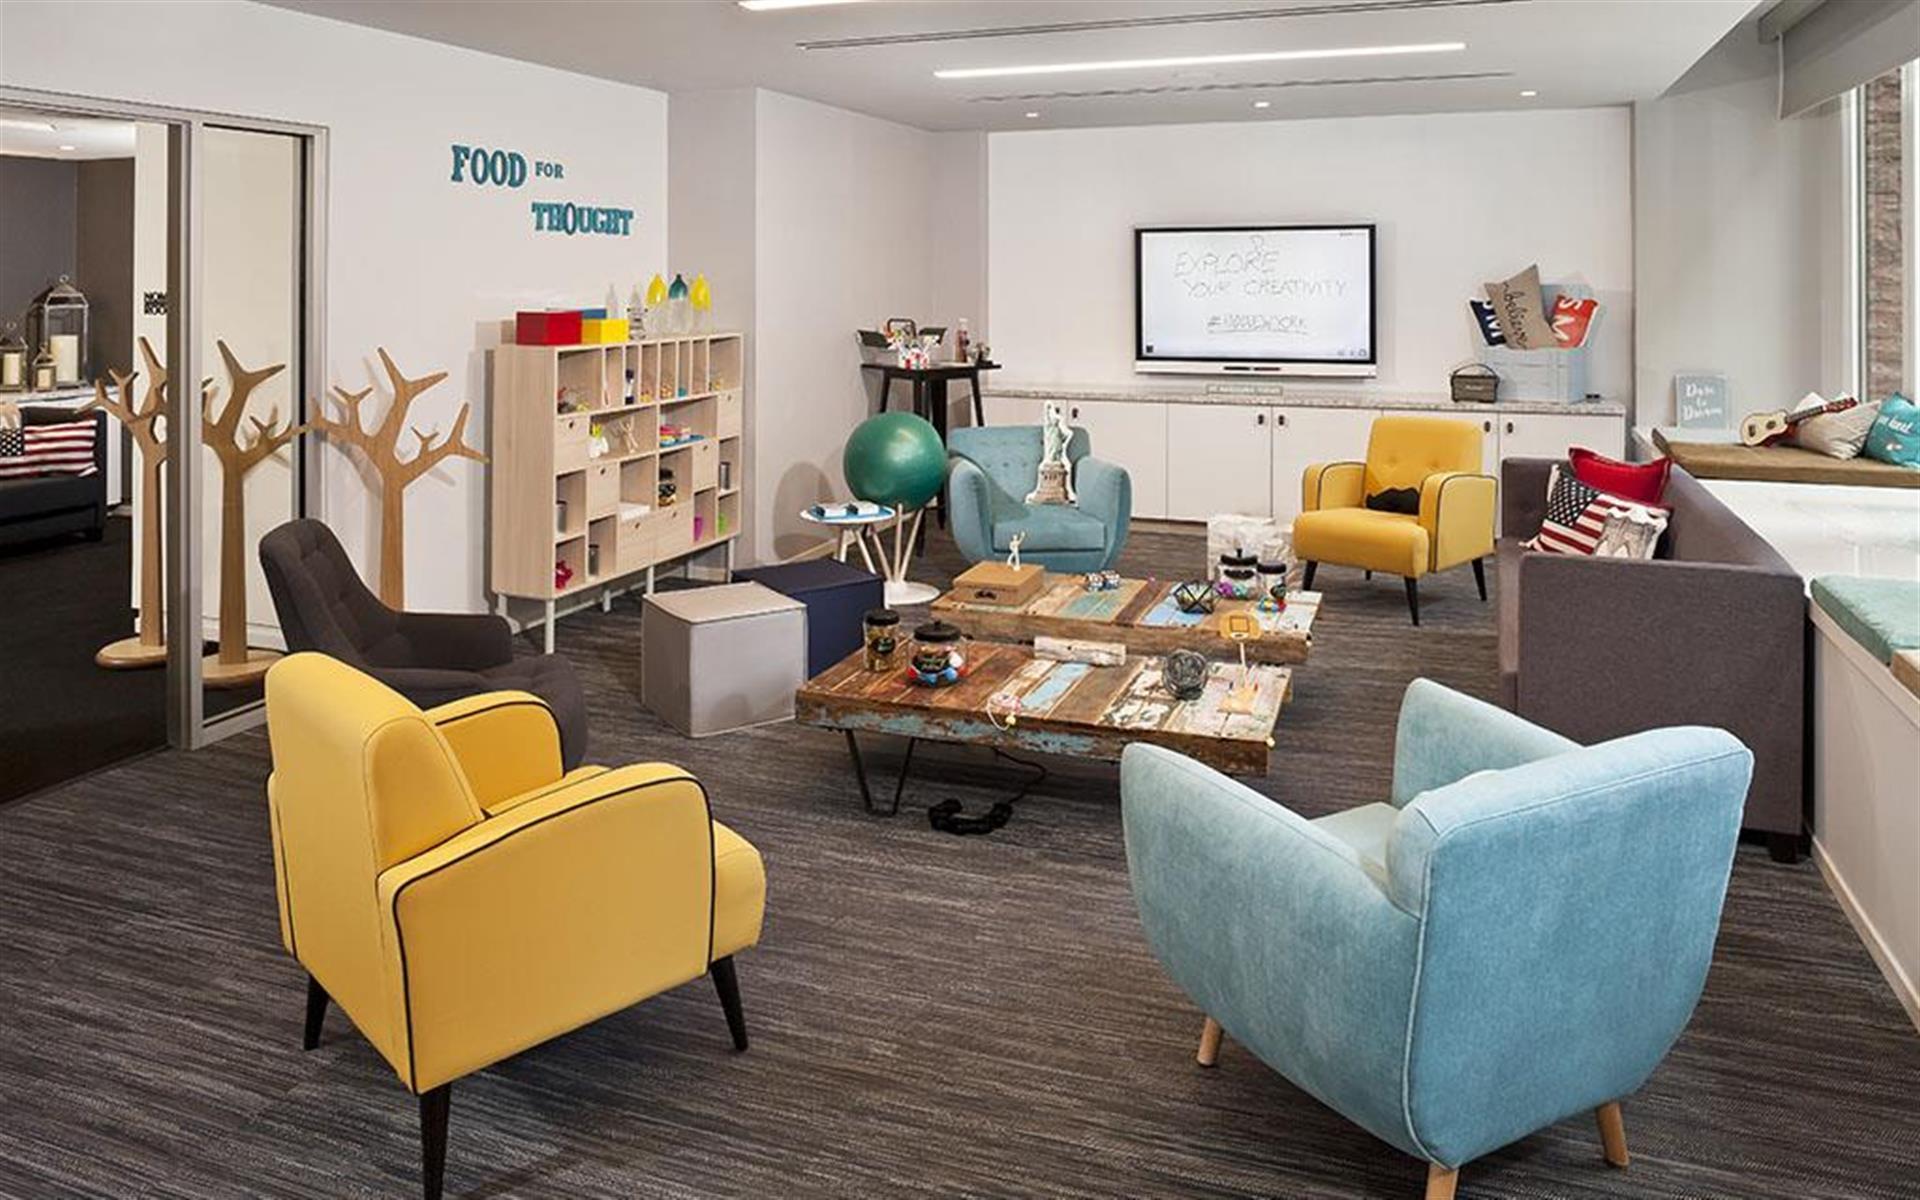 INNSIDE New York - Creative Meeting Room